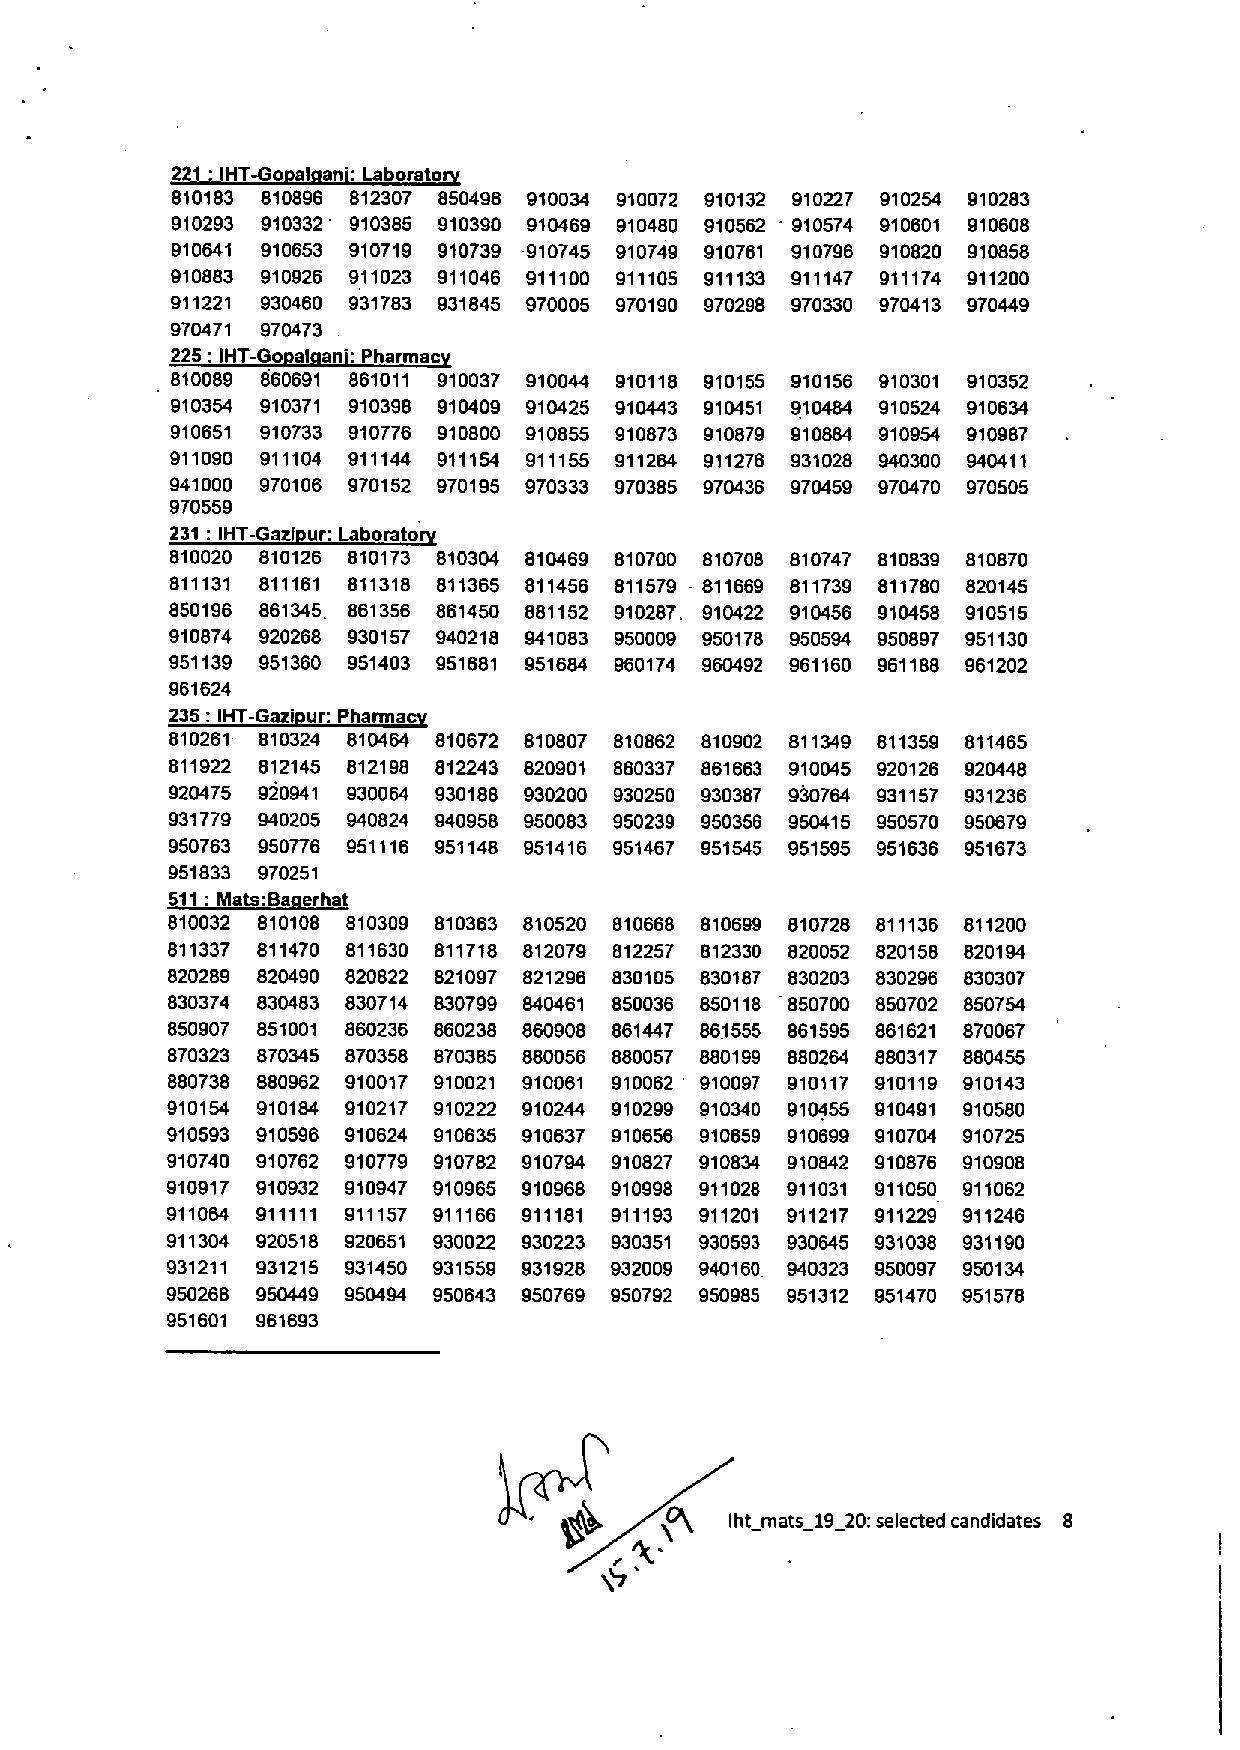 15-07-19-iht-mats-r-page-010